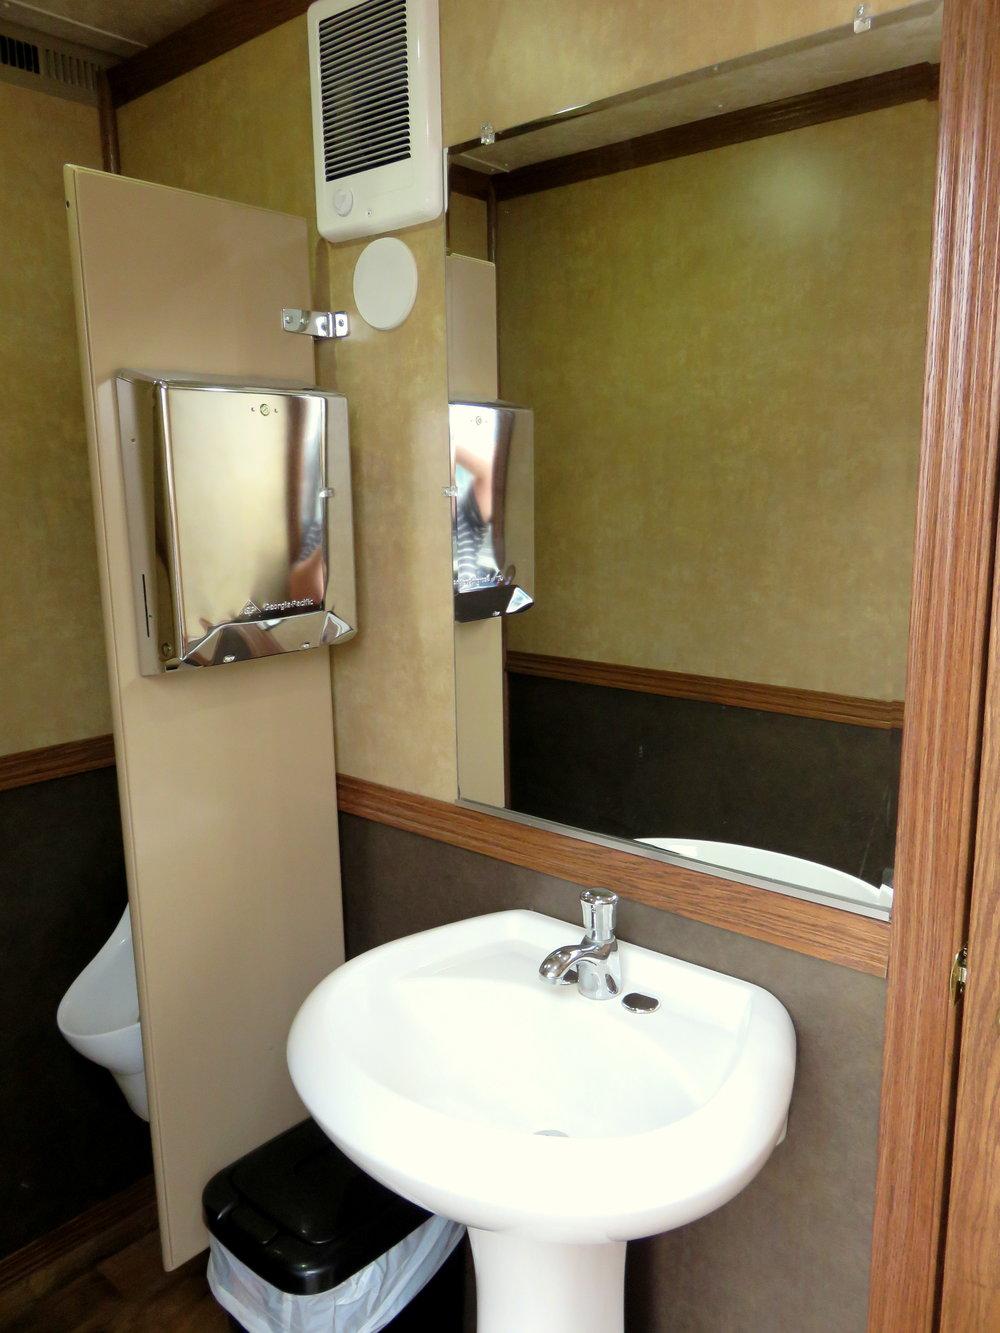 4 person restroom trailer